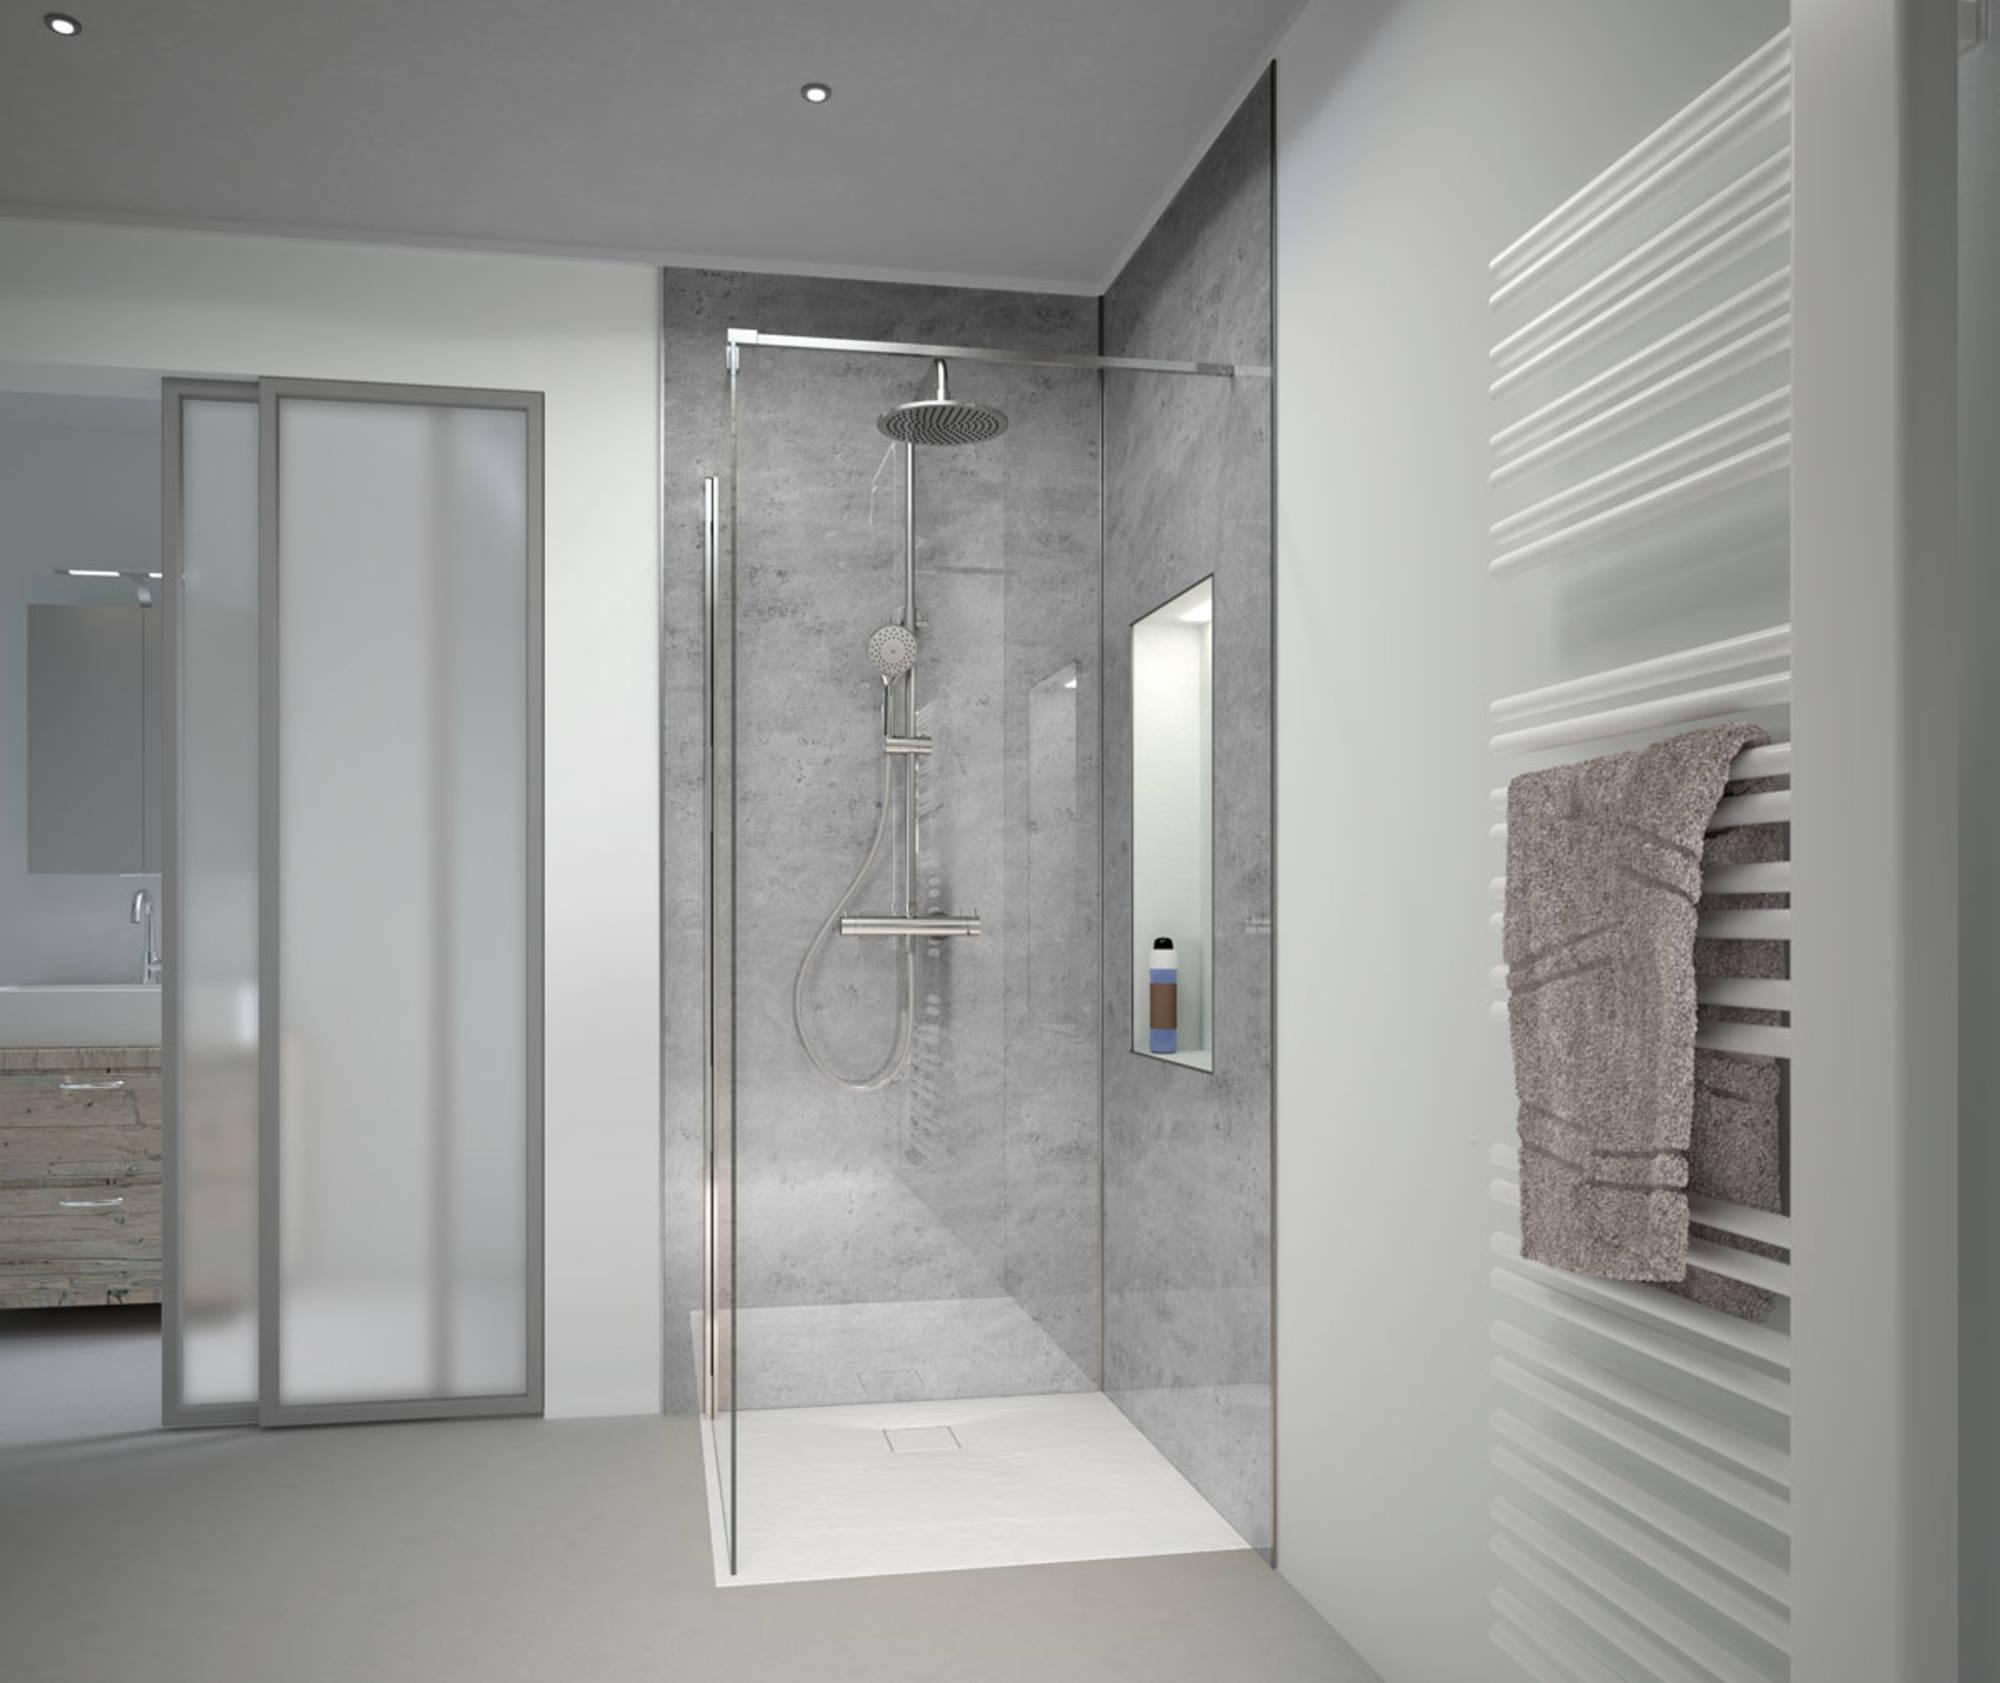 Duschprofi RenoDeco paneel Alu 100x210 cm natuursteen asgrijs hoogglans